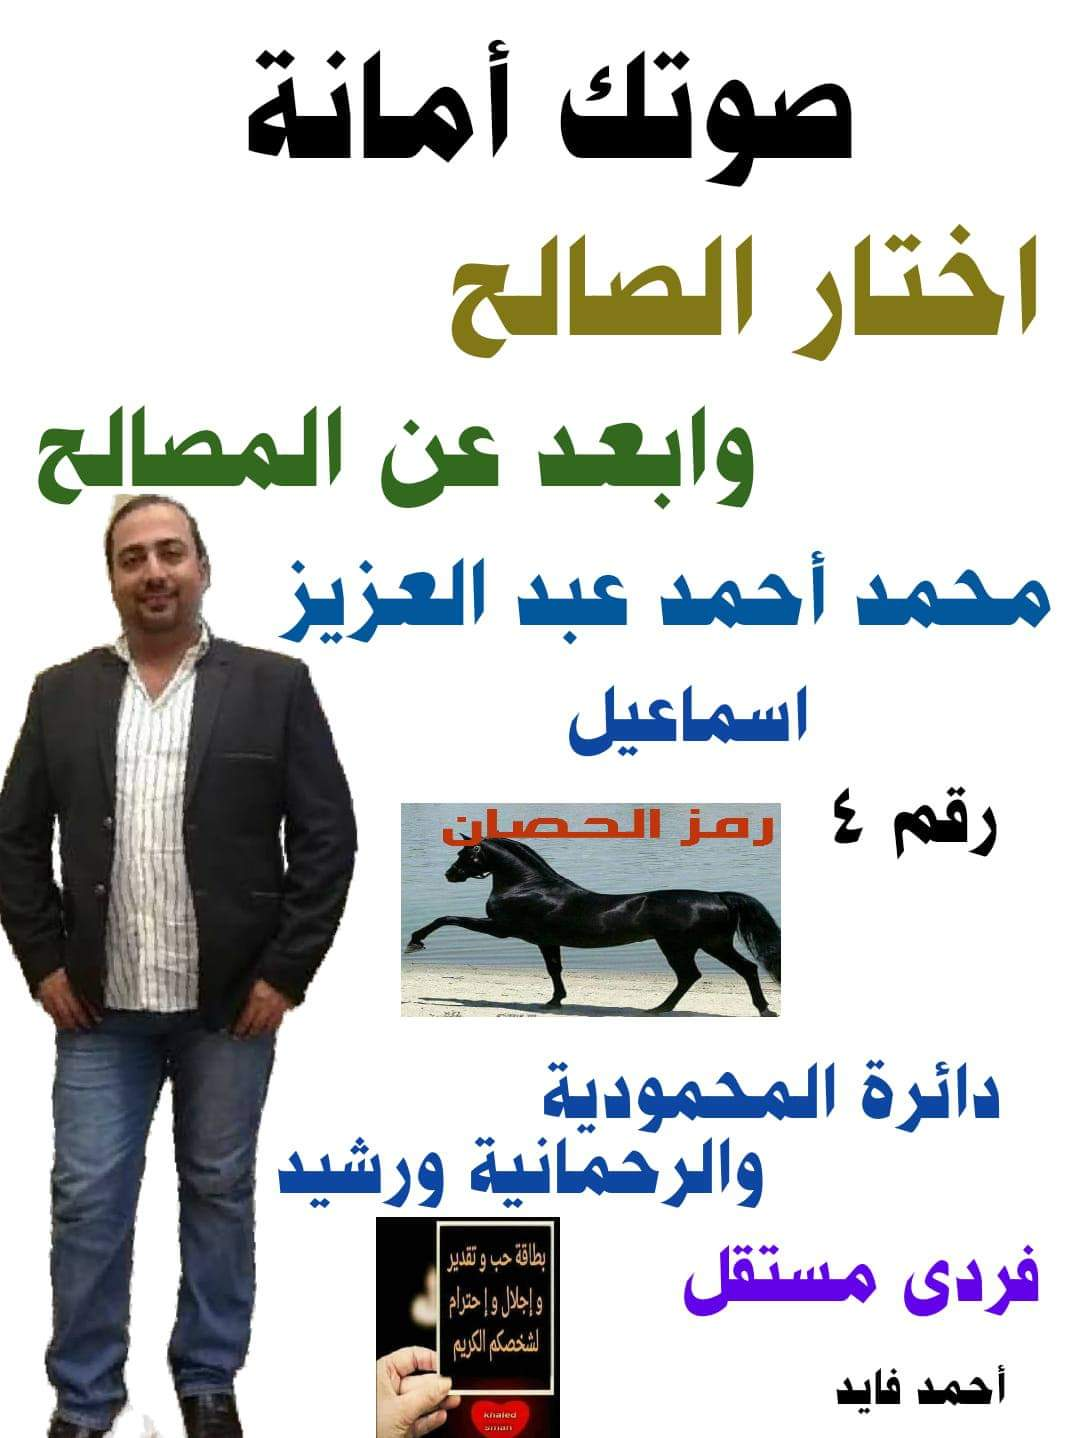 أصغر مرشح فى البحيرة           محمد إسماعيل  شغلى الشاغل القضاء على البطالة وتوفير حياة كريمة للفقراء